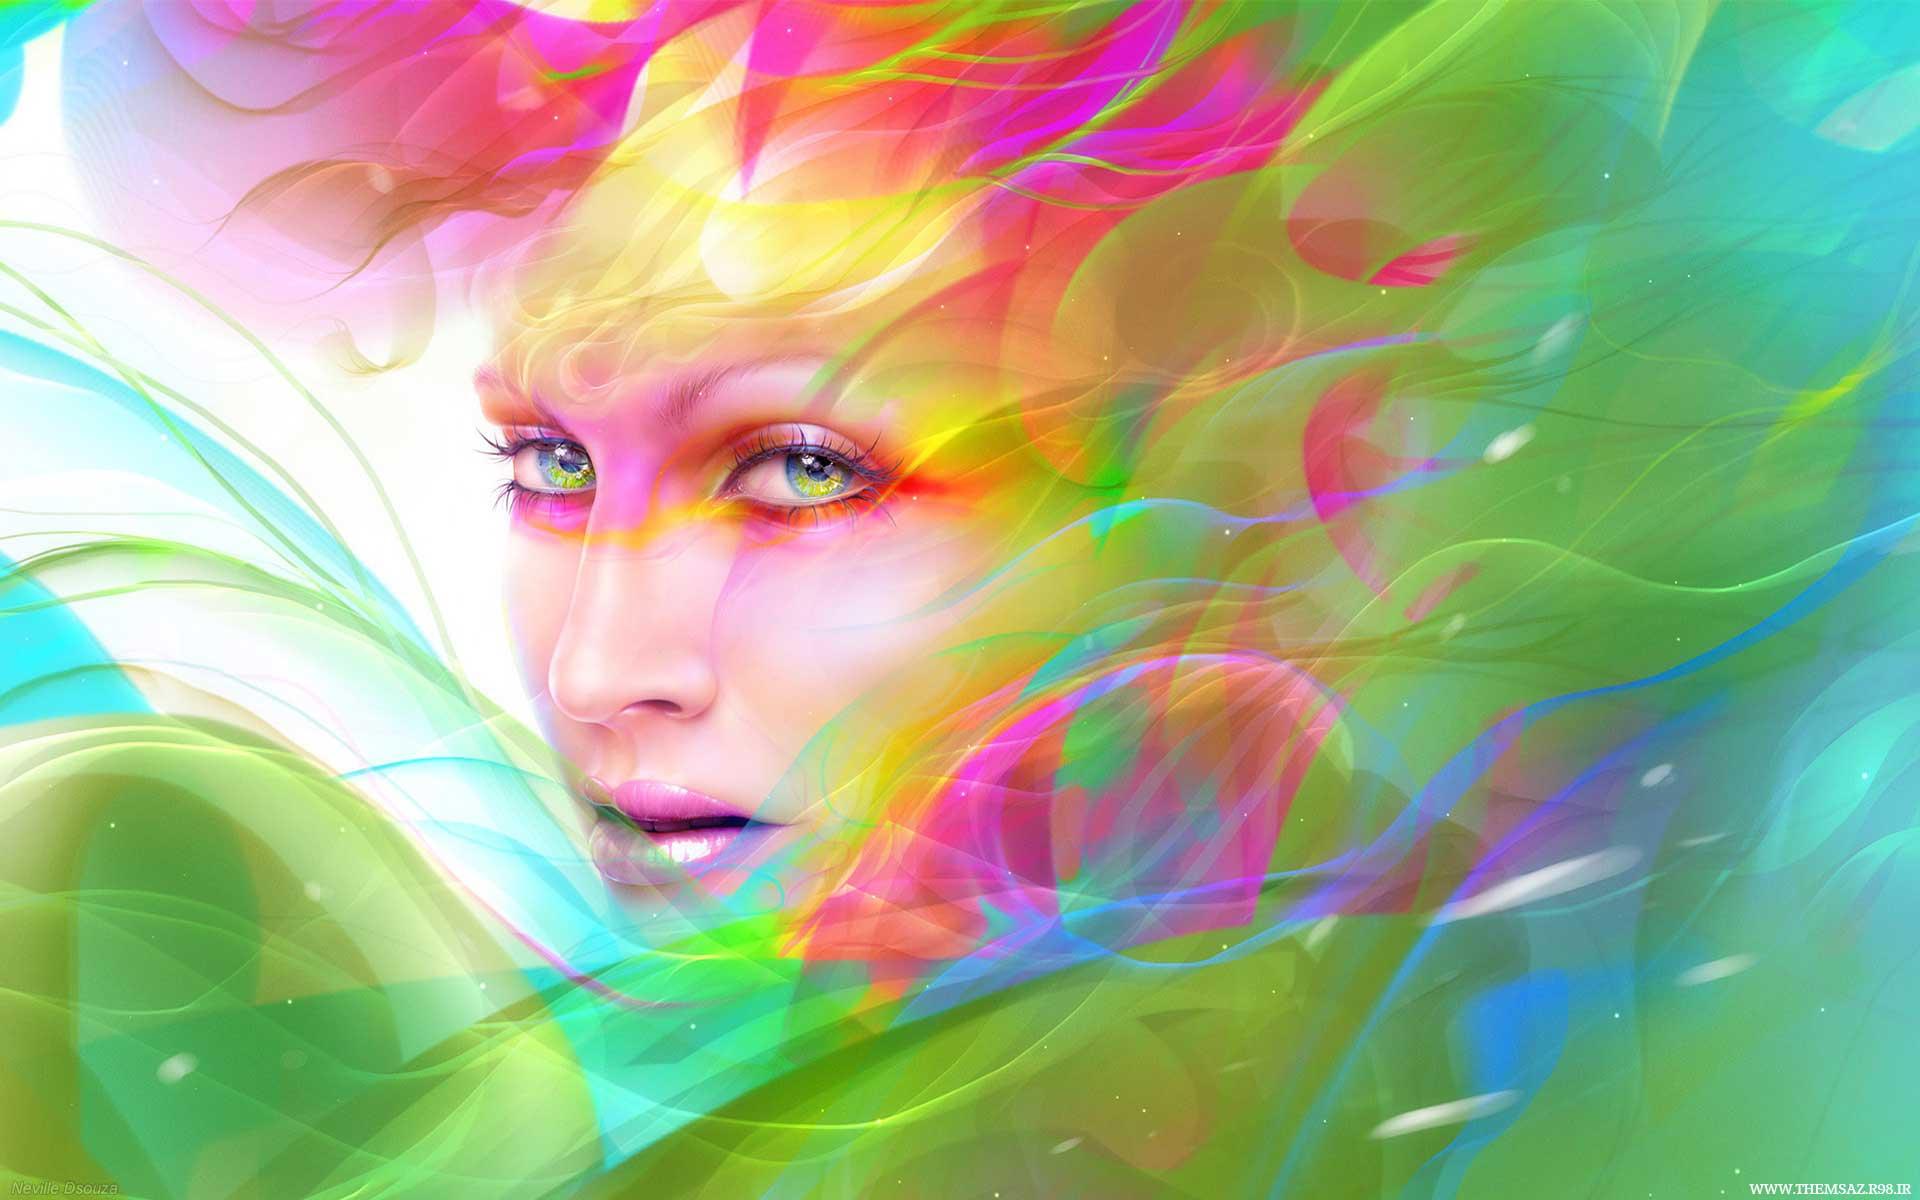 פנים צבעוניות